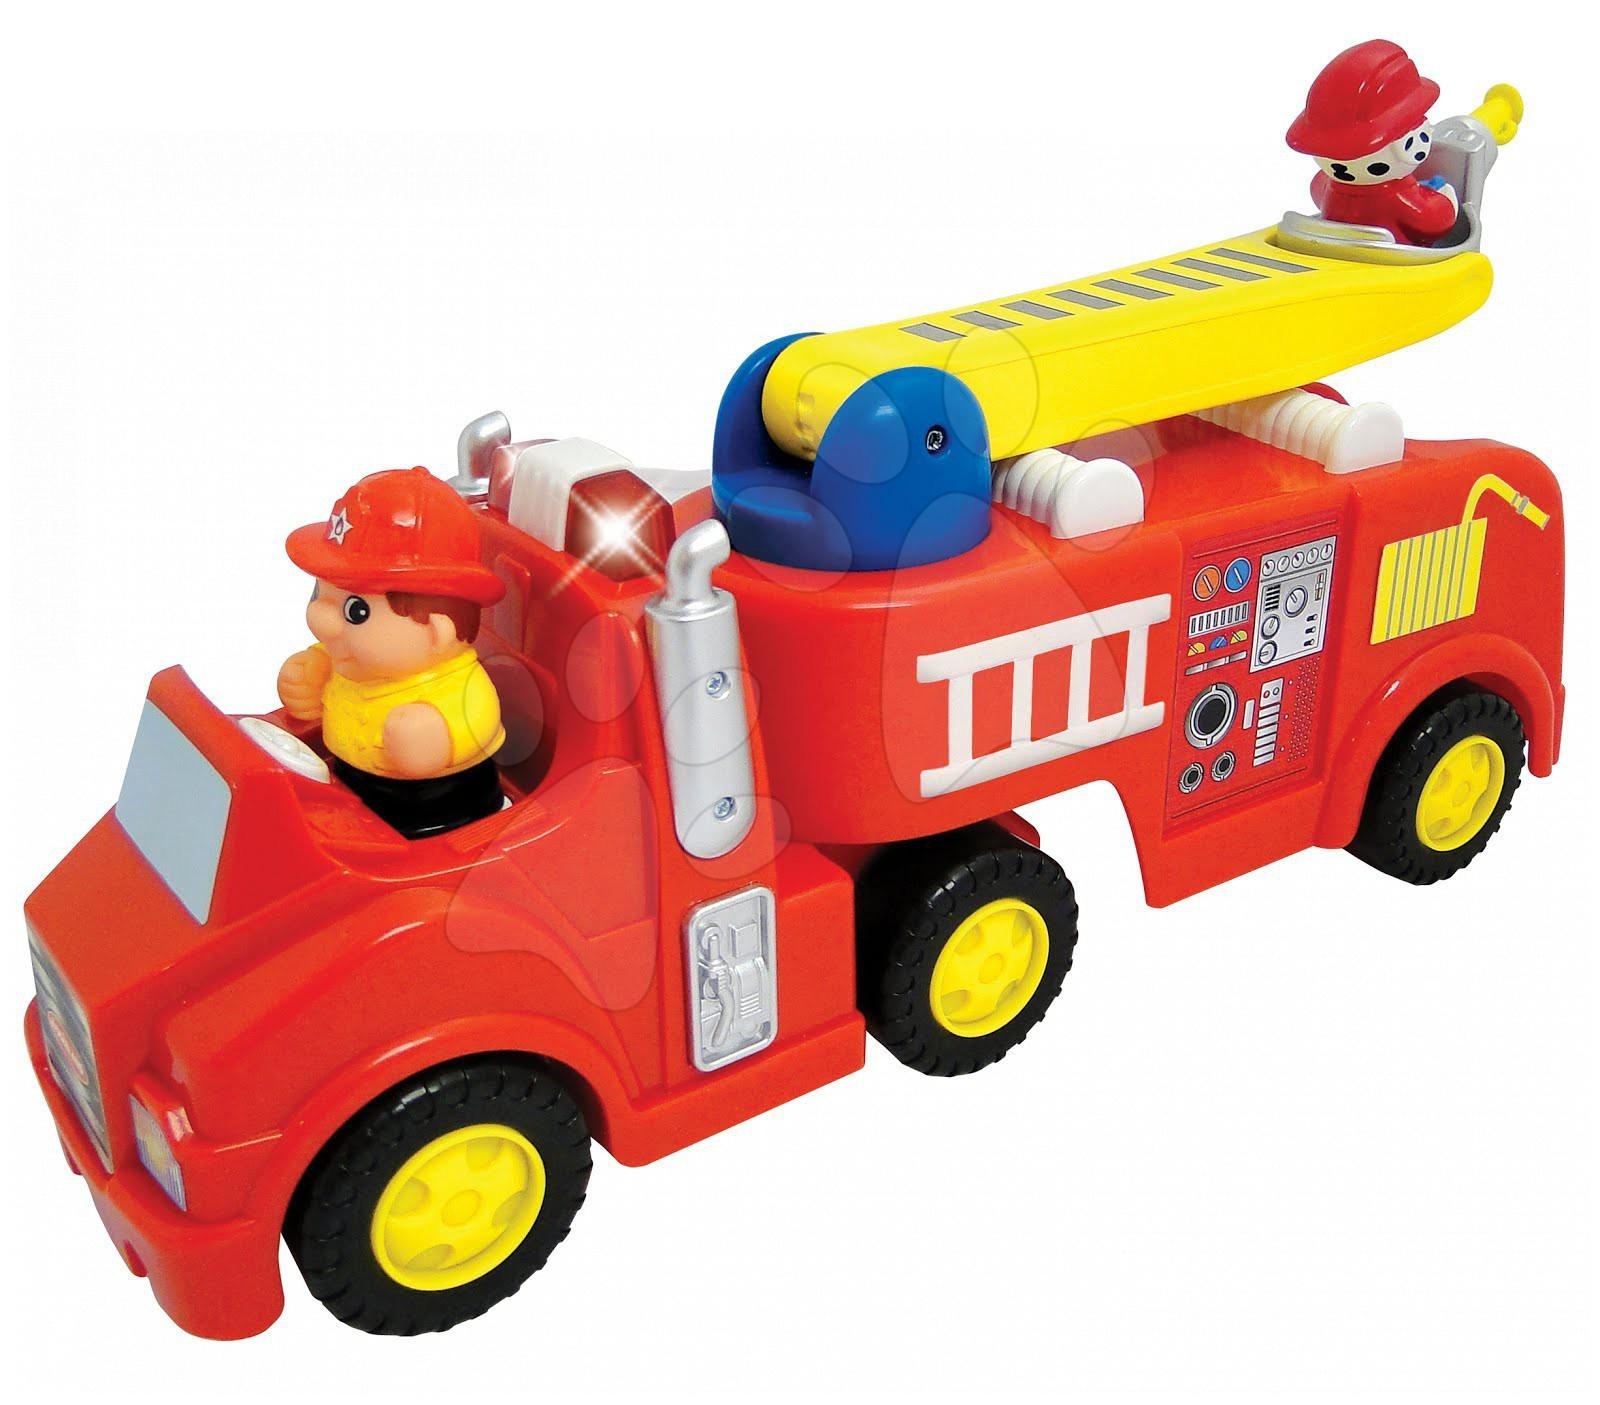 Hračky zvukové - Hasičské auto Activity Kiddieland s figurkou, se zvukem a světlem od 18 měsíců